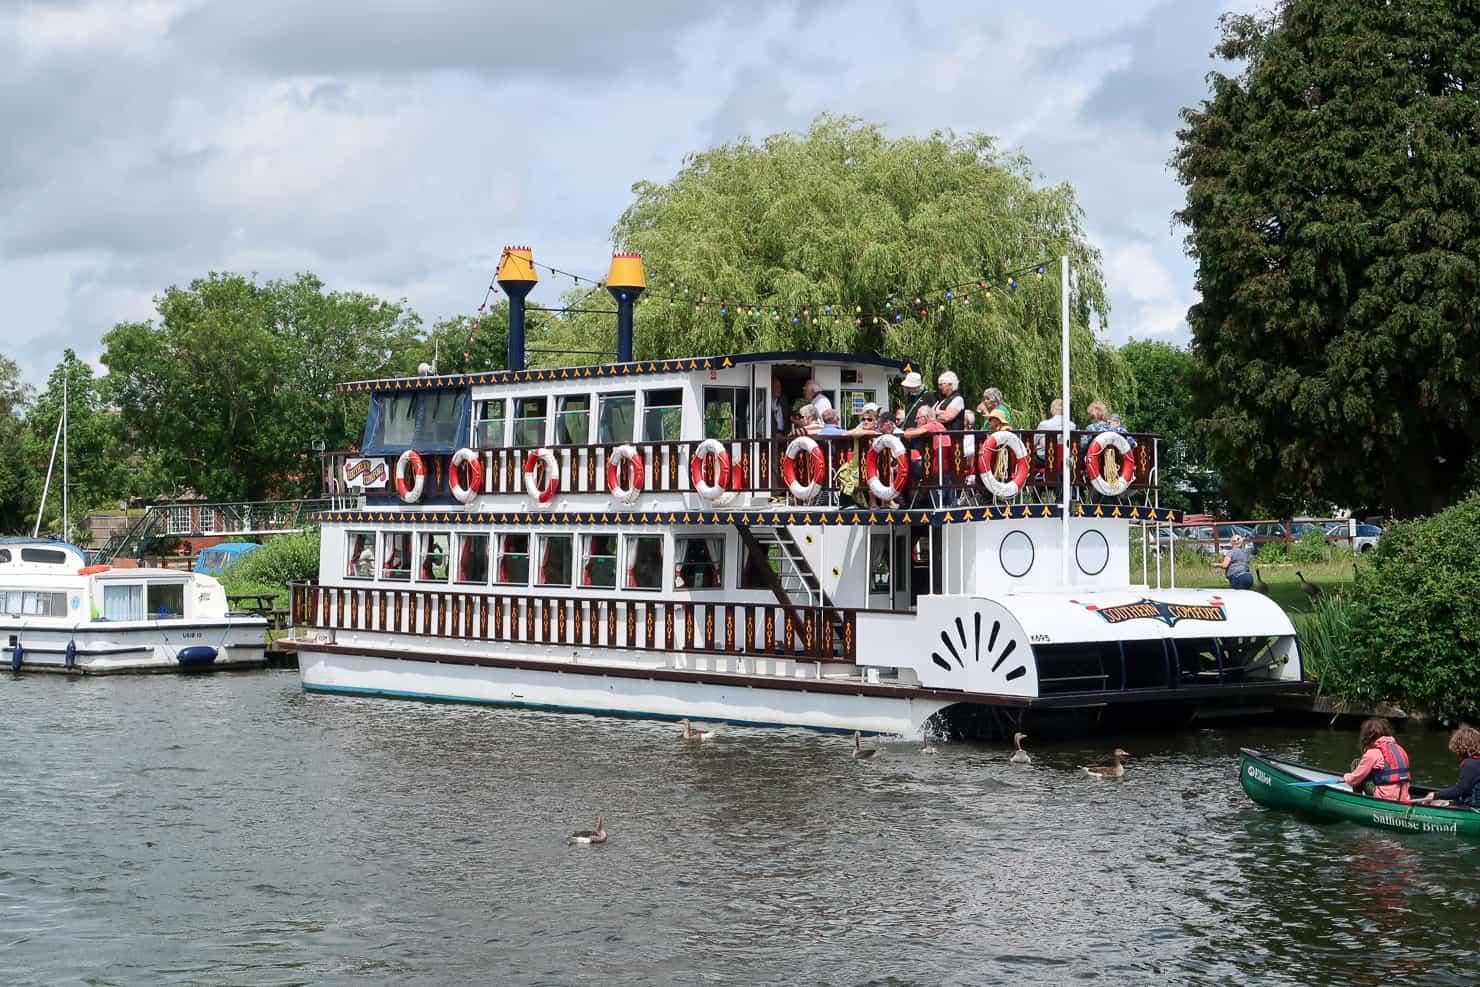 Steamboat Norfolk Broads